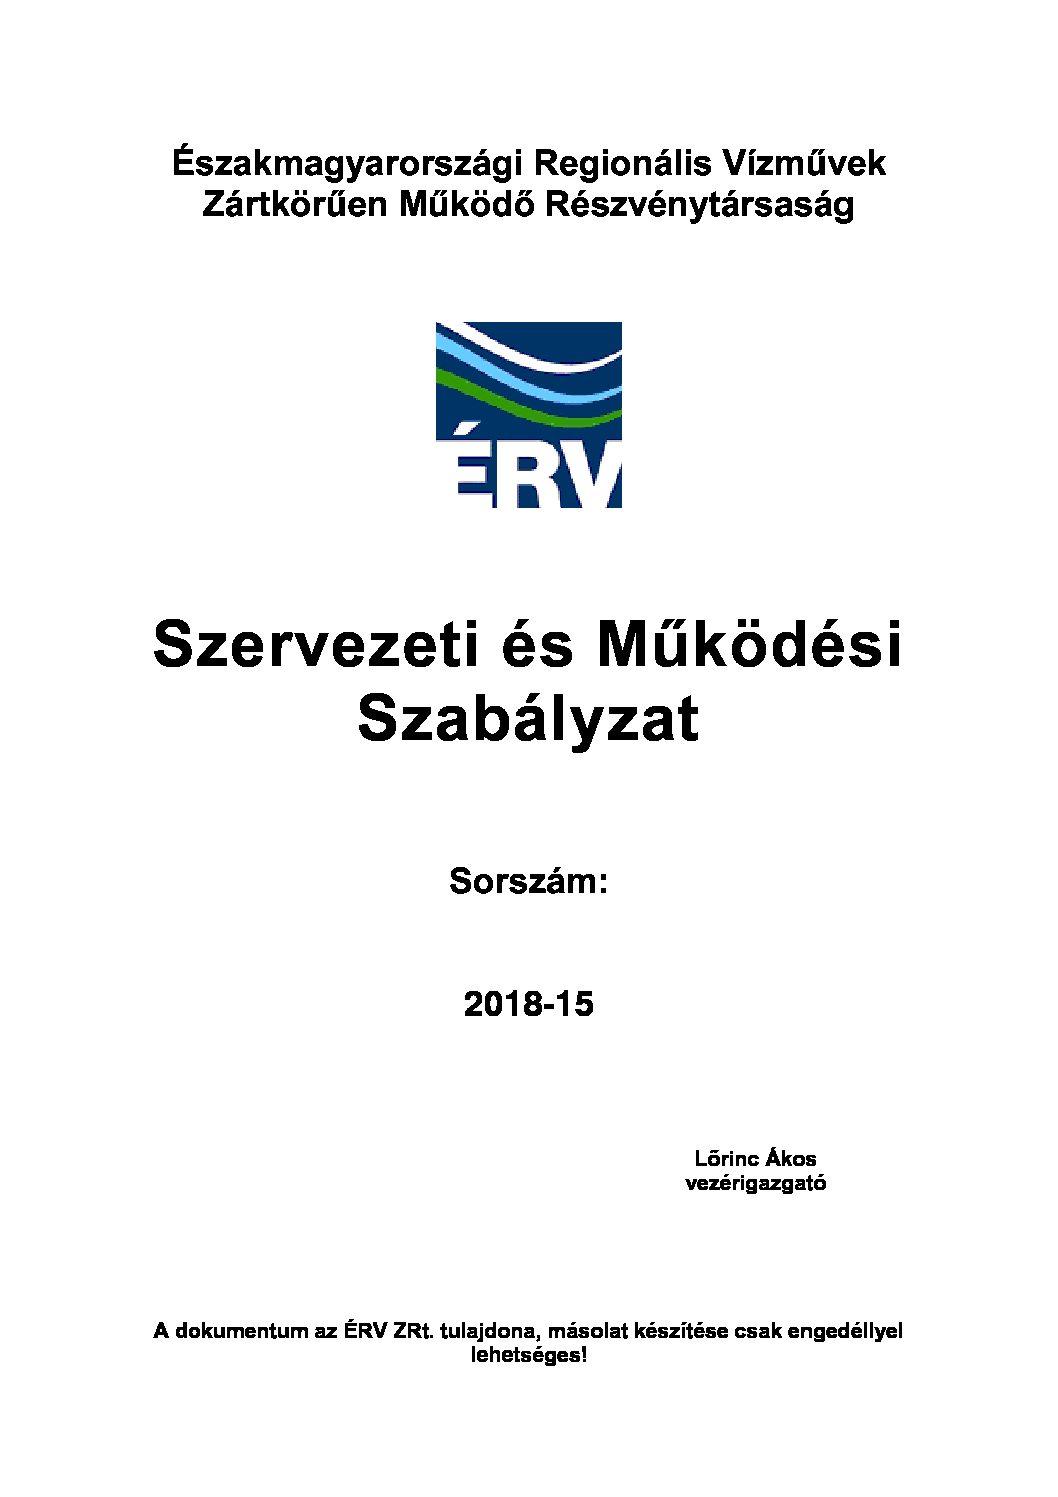 ÉRV-SZMSZ-2018 m4